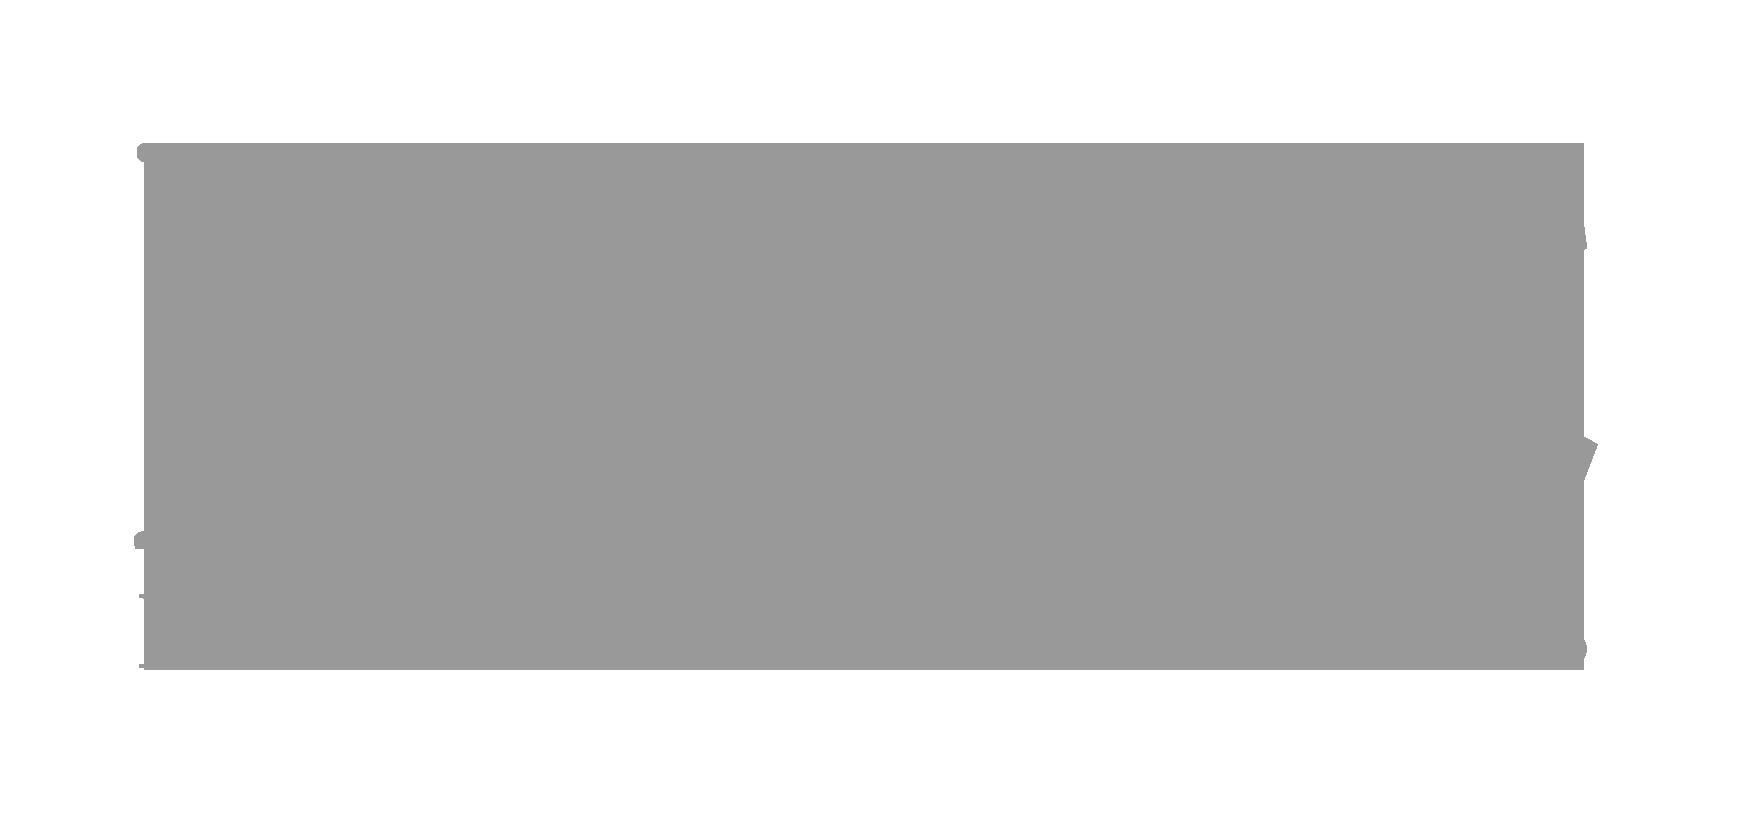 RRCC_BC_white